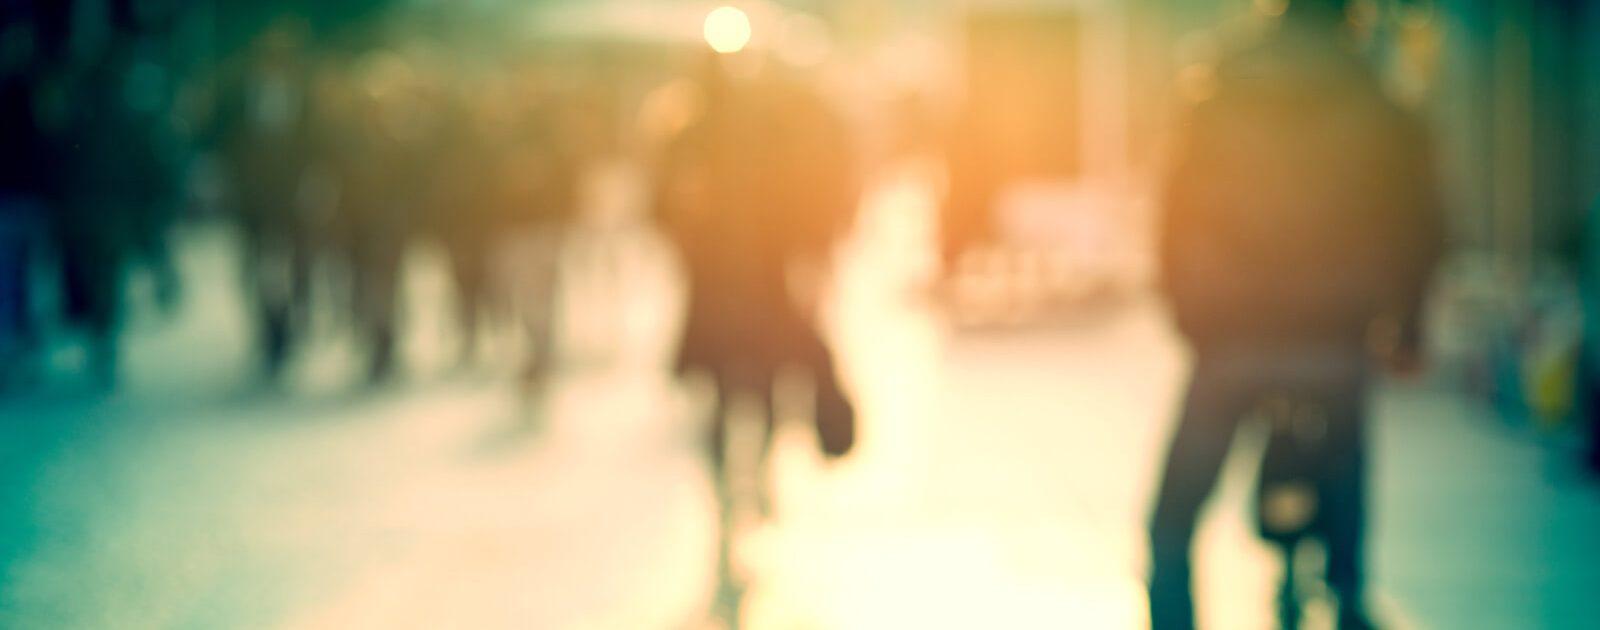 Gravierende Sehstörungen sind häufig durch verschwommene Bilder und Lichtreflektionen gekennzeichnet.